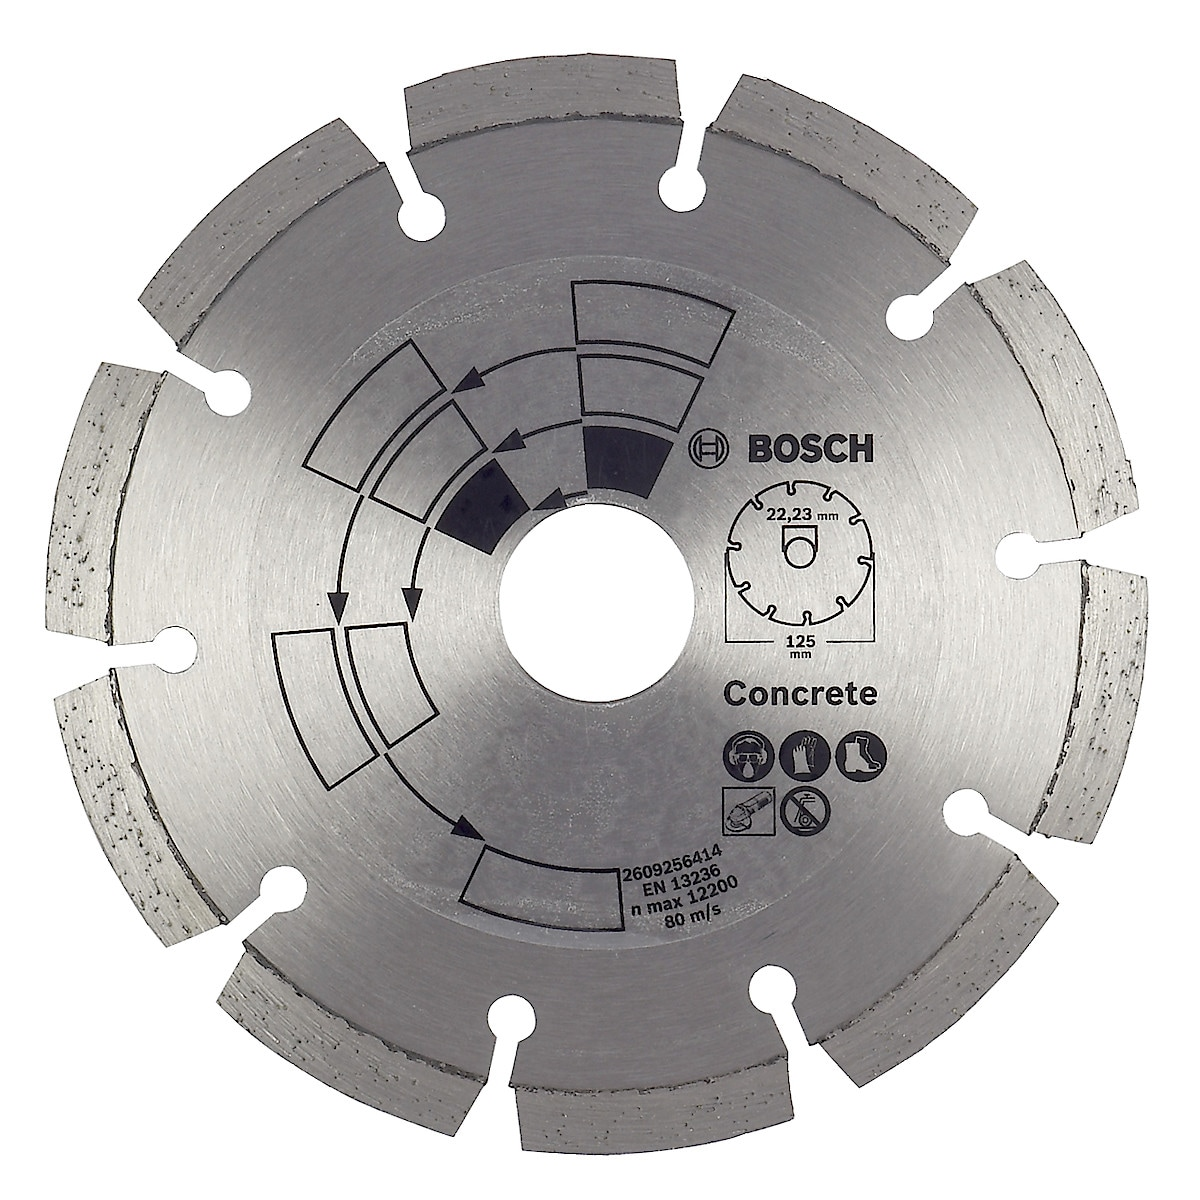 Diamantkapskiva för betong 125 mm, Bosch